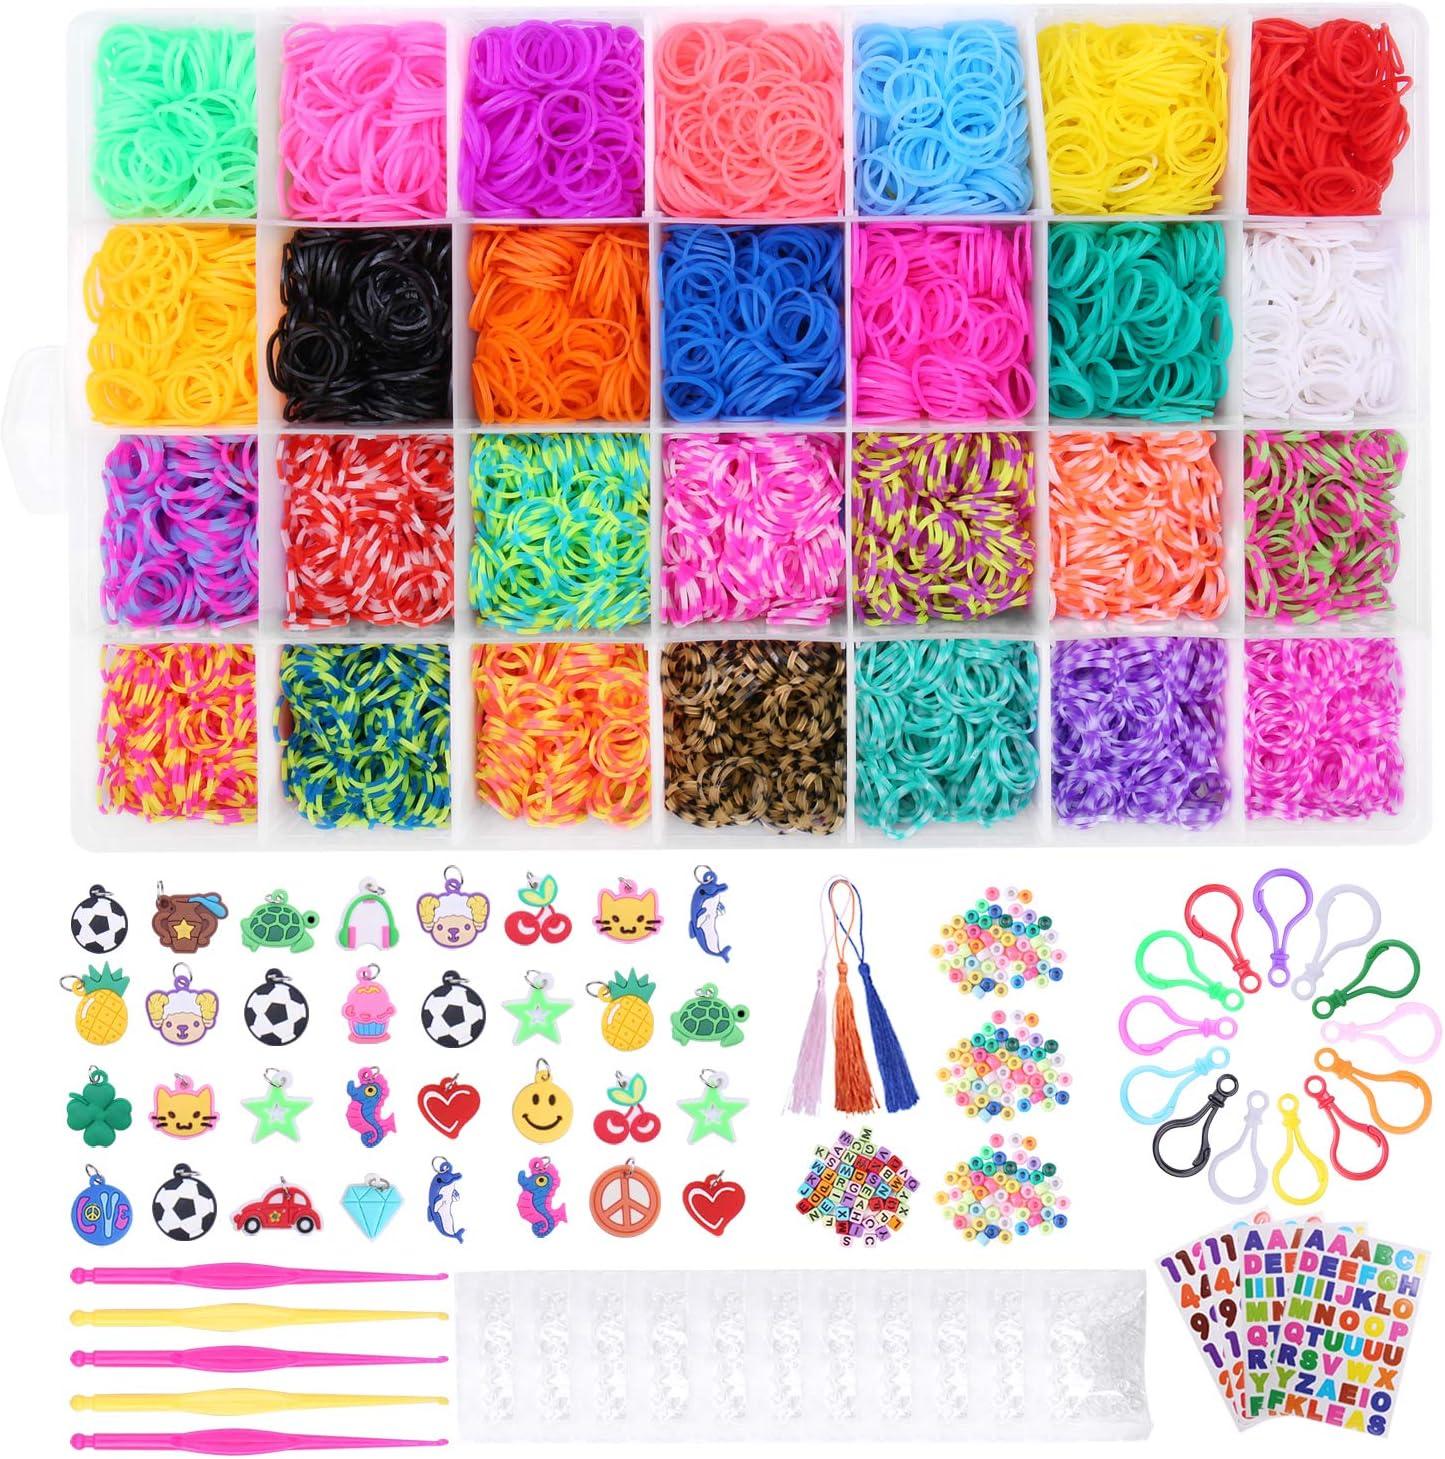 Tintec Caja para Hacer Pulseras, Gomitas 10000Pcs Gomitas Elásticas Plásticas (28 Colores) para Hacer Pulseras Anillos Collares de Bricolaje